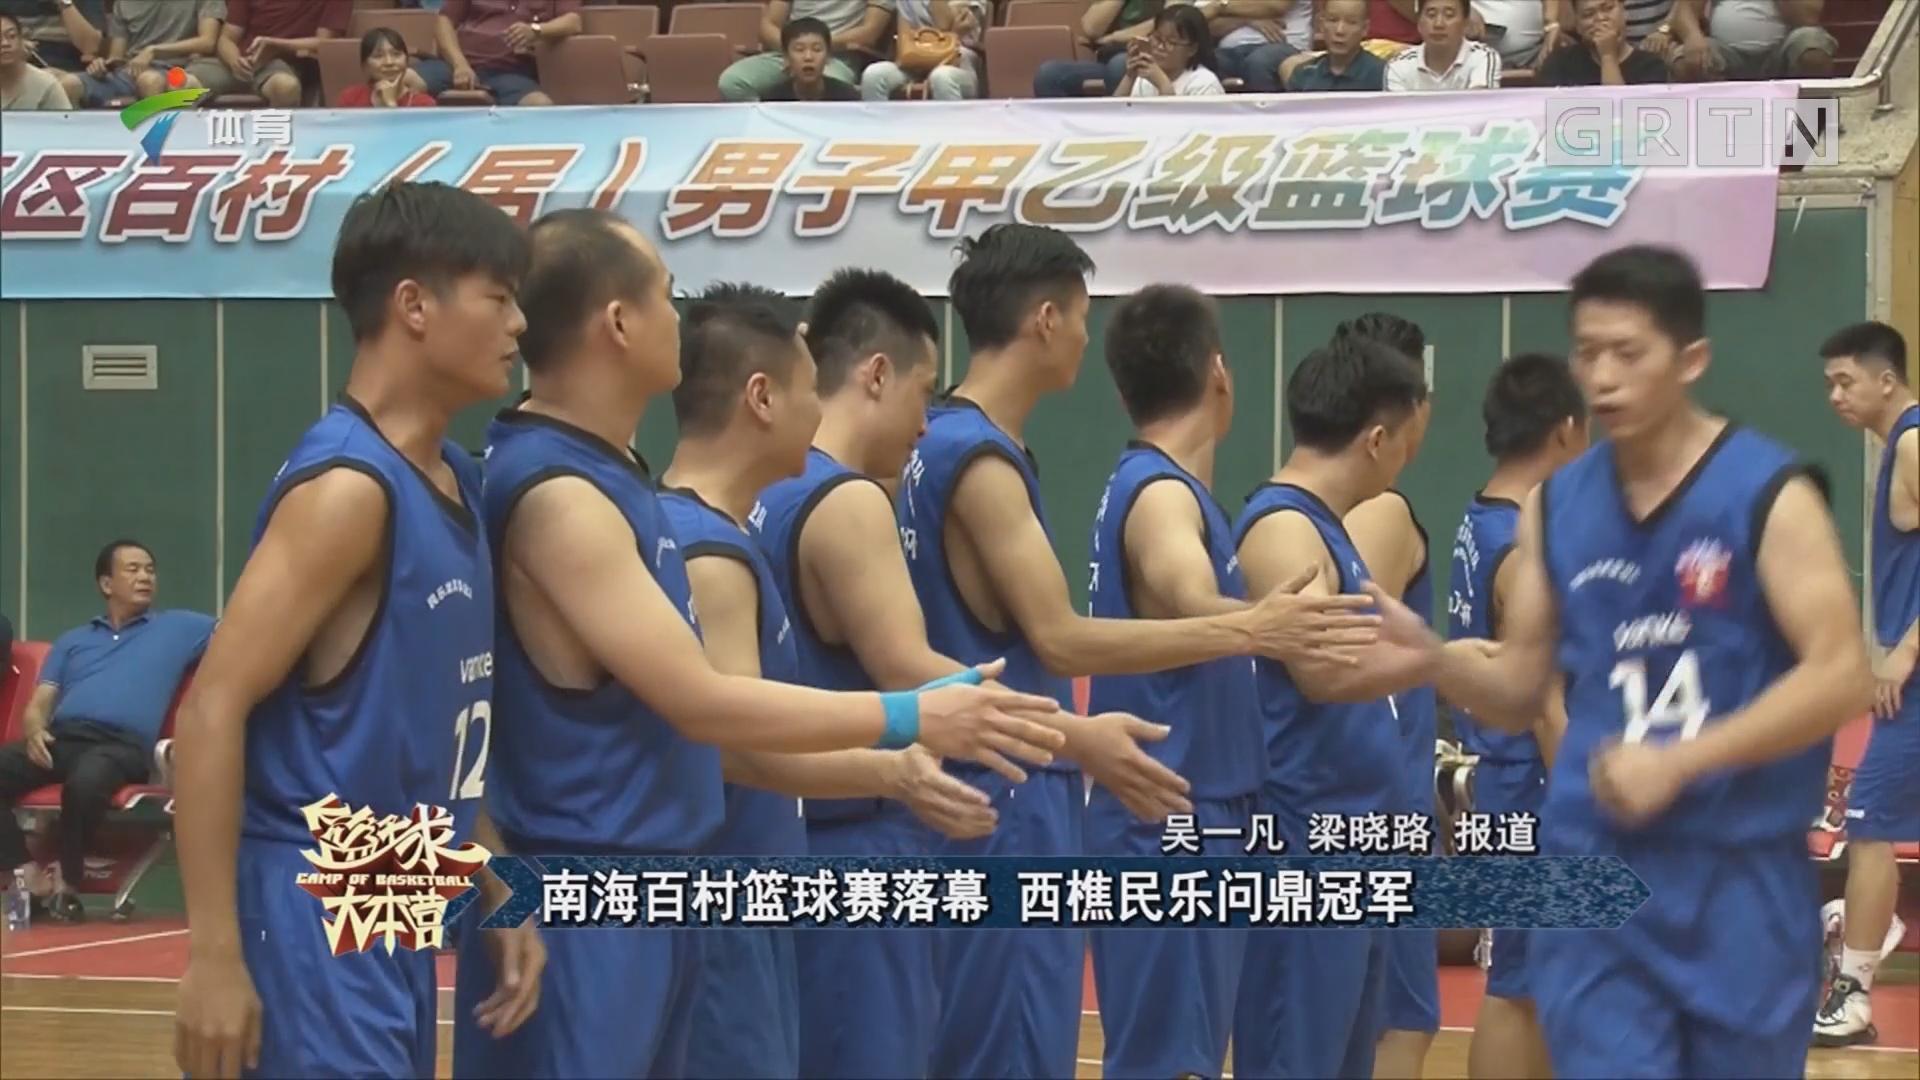 南海百村篮球赛落幕 西樵民乐问鼎冠军